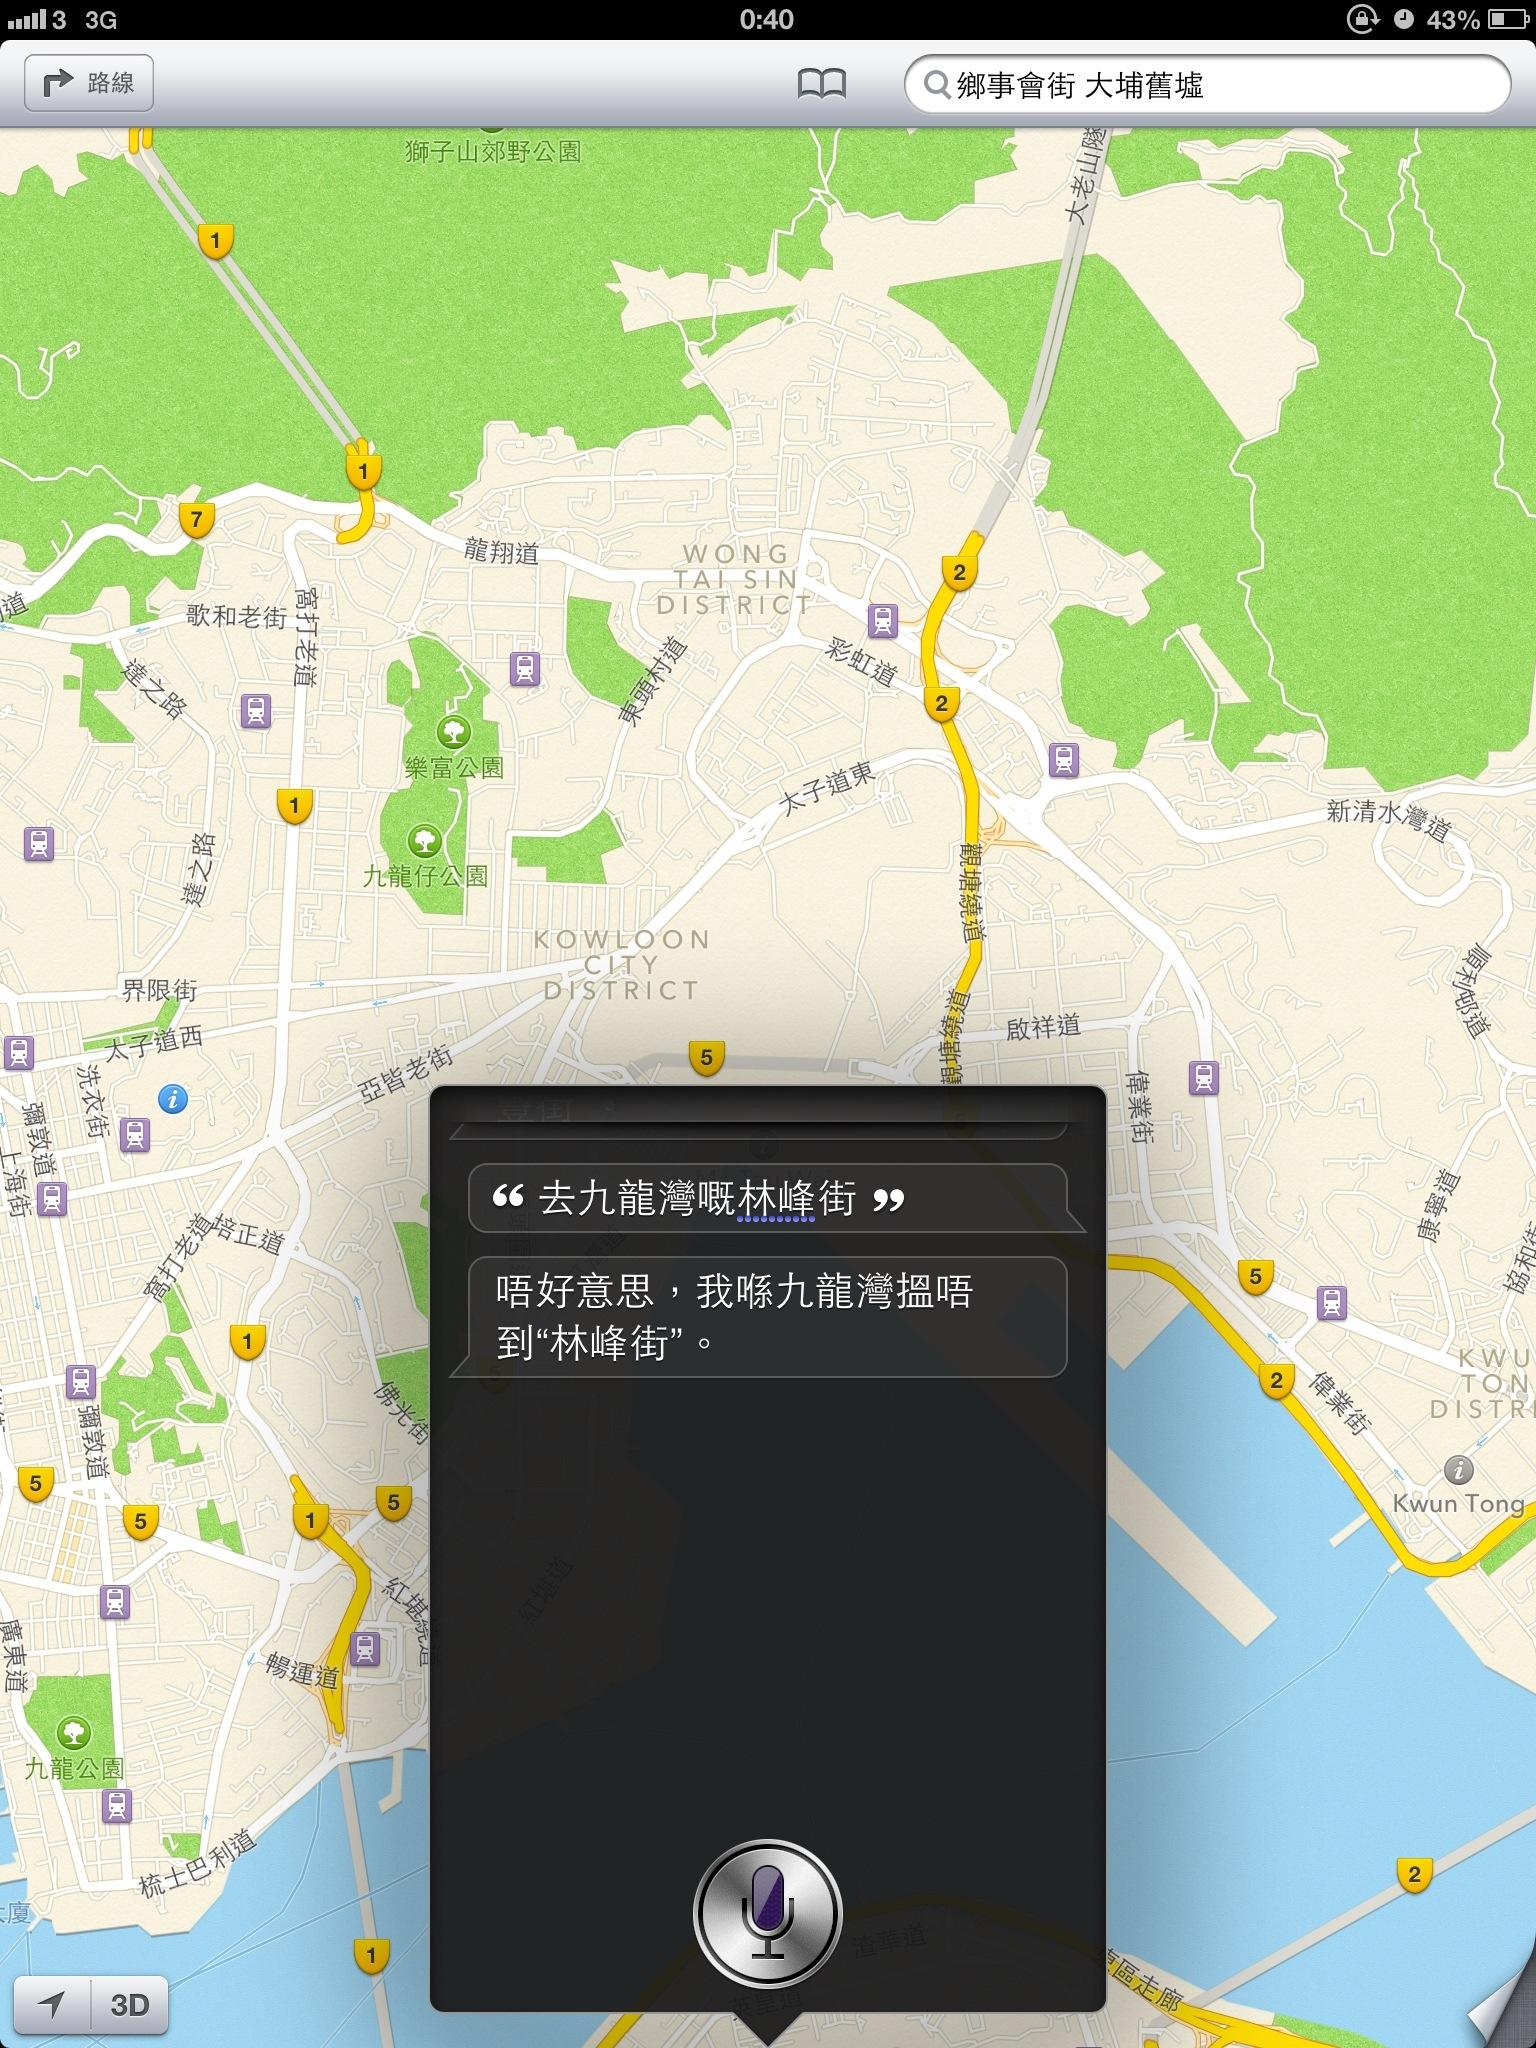 20121120-004216.jpg